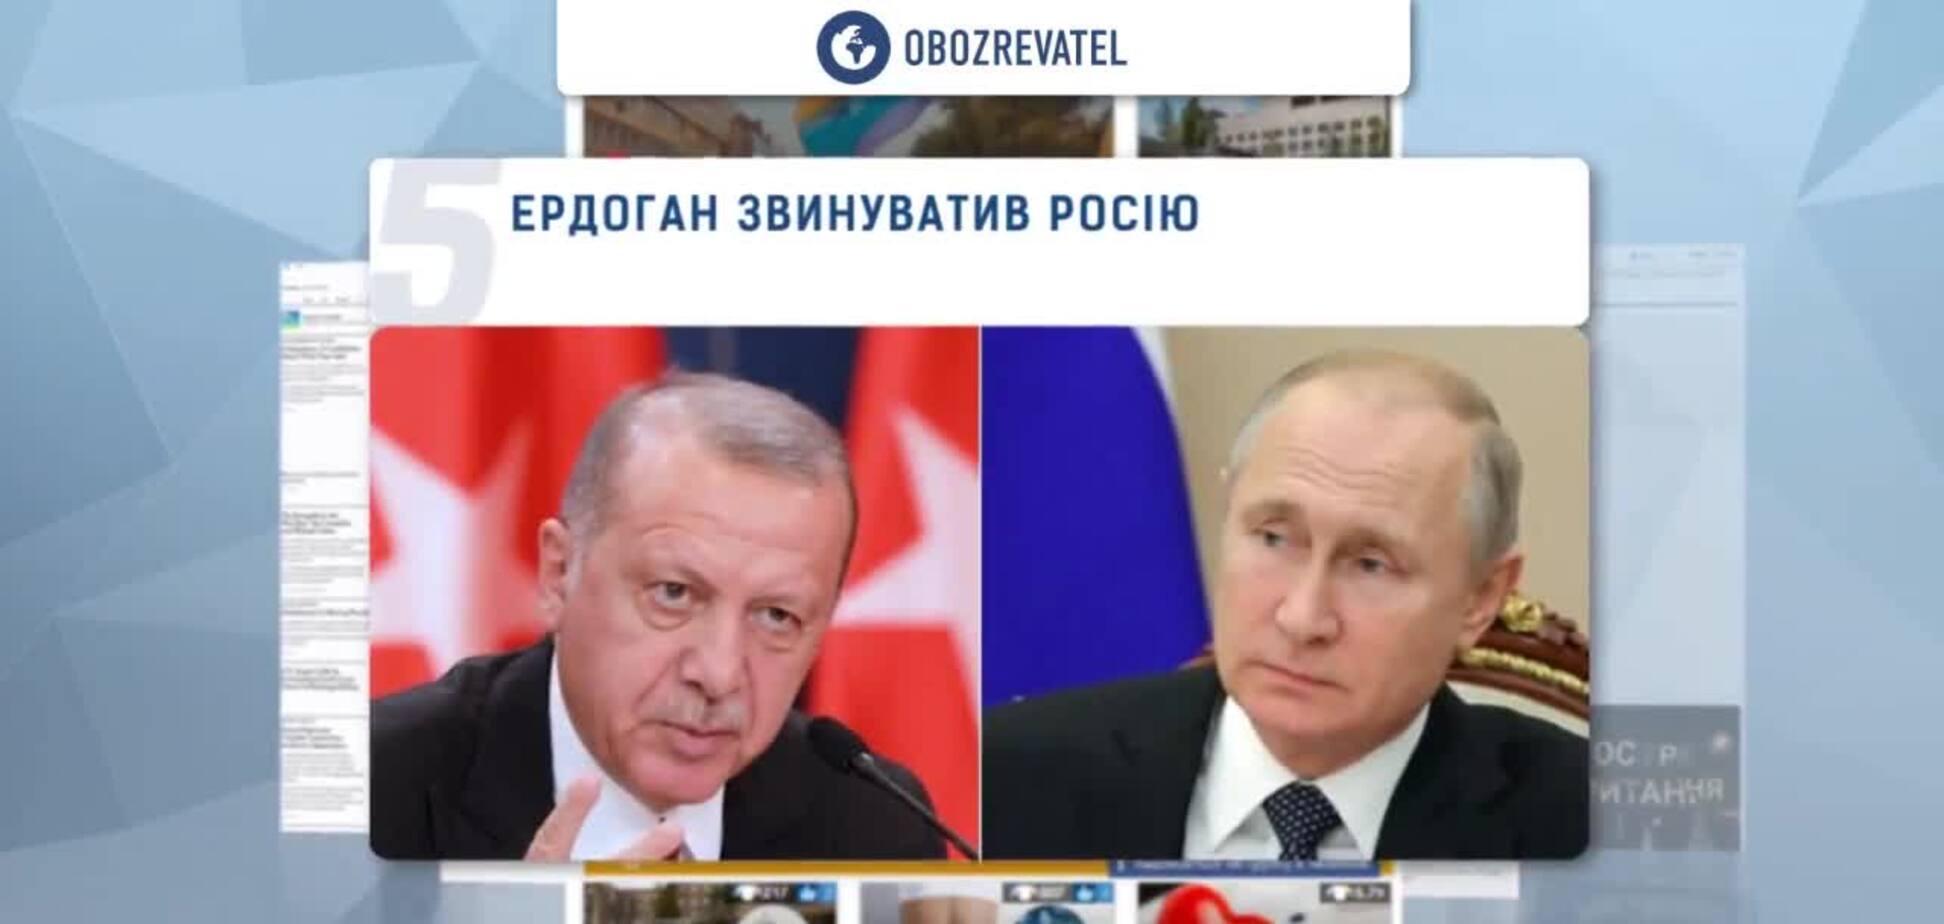 TOP 5 NEWS 16.02.2020